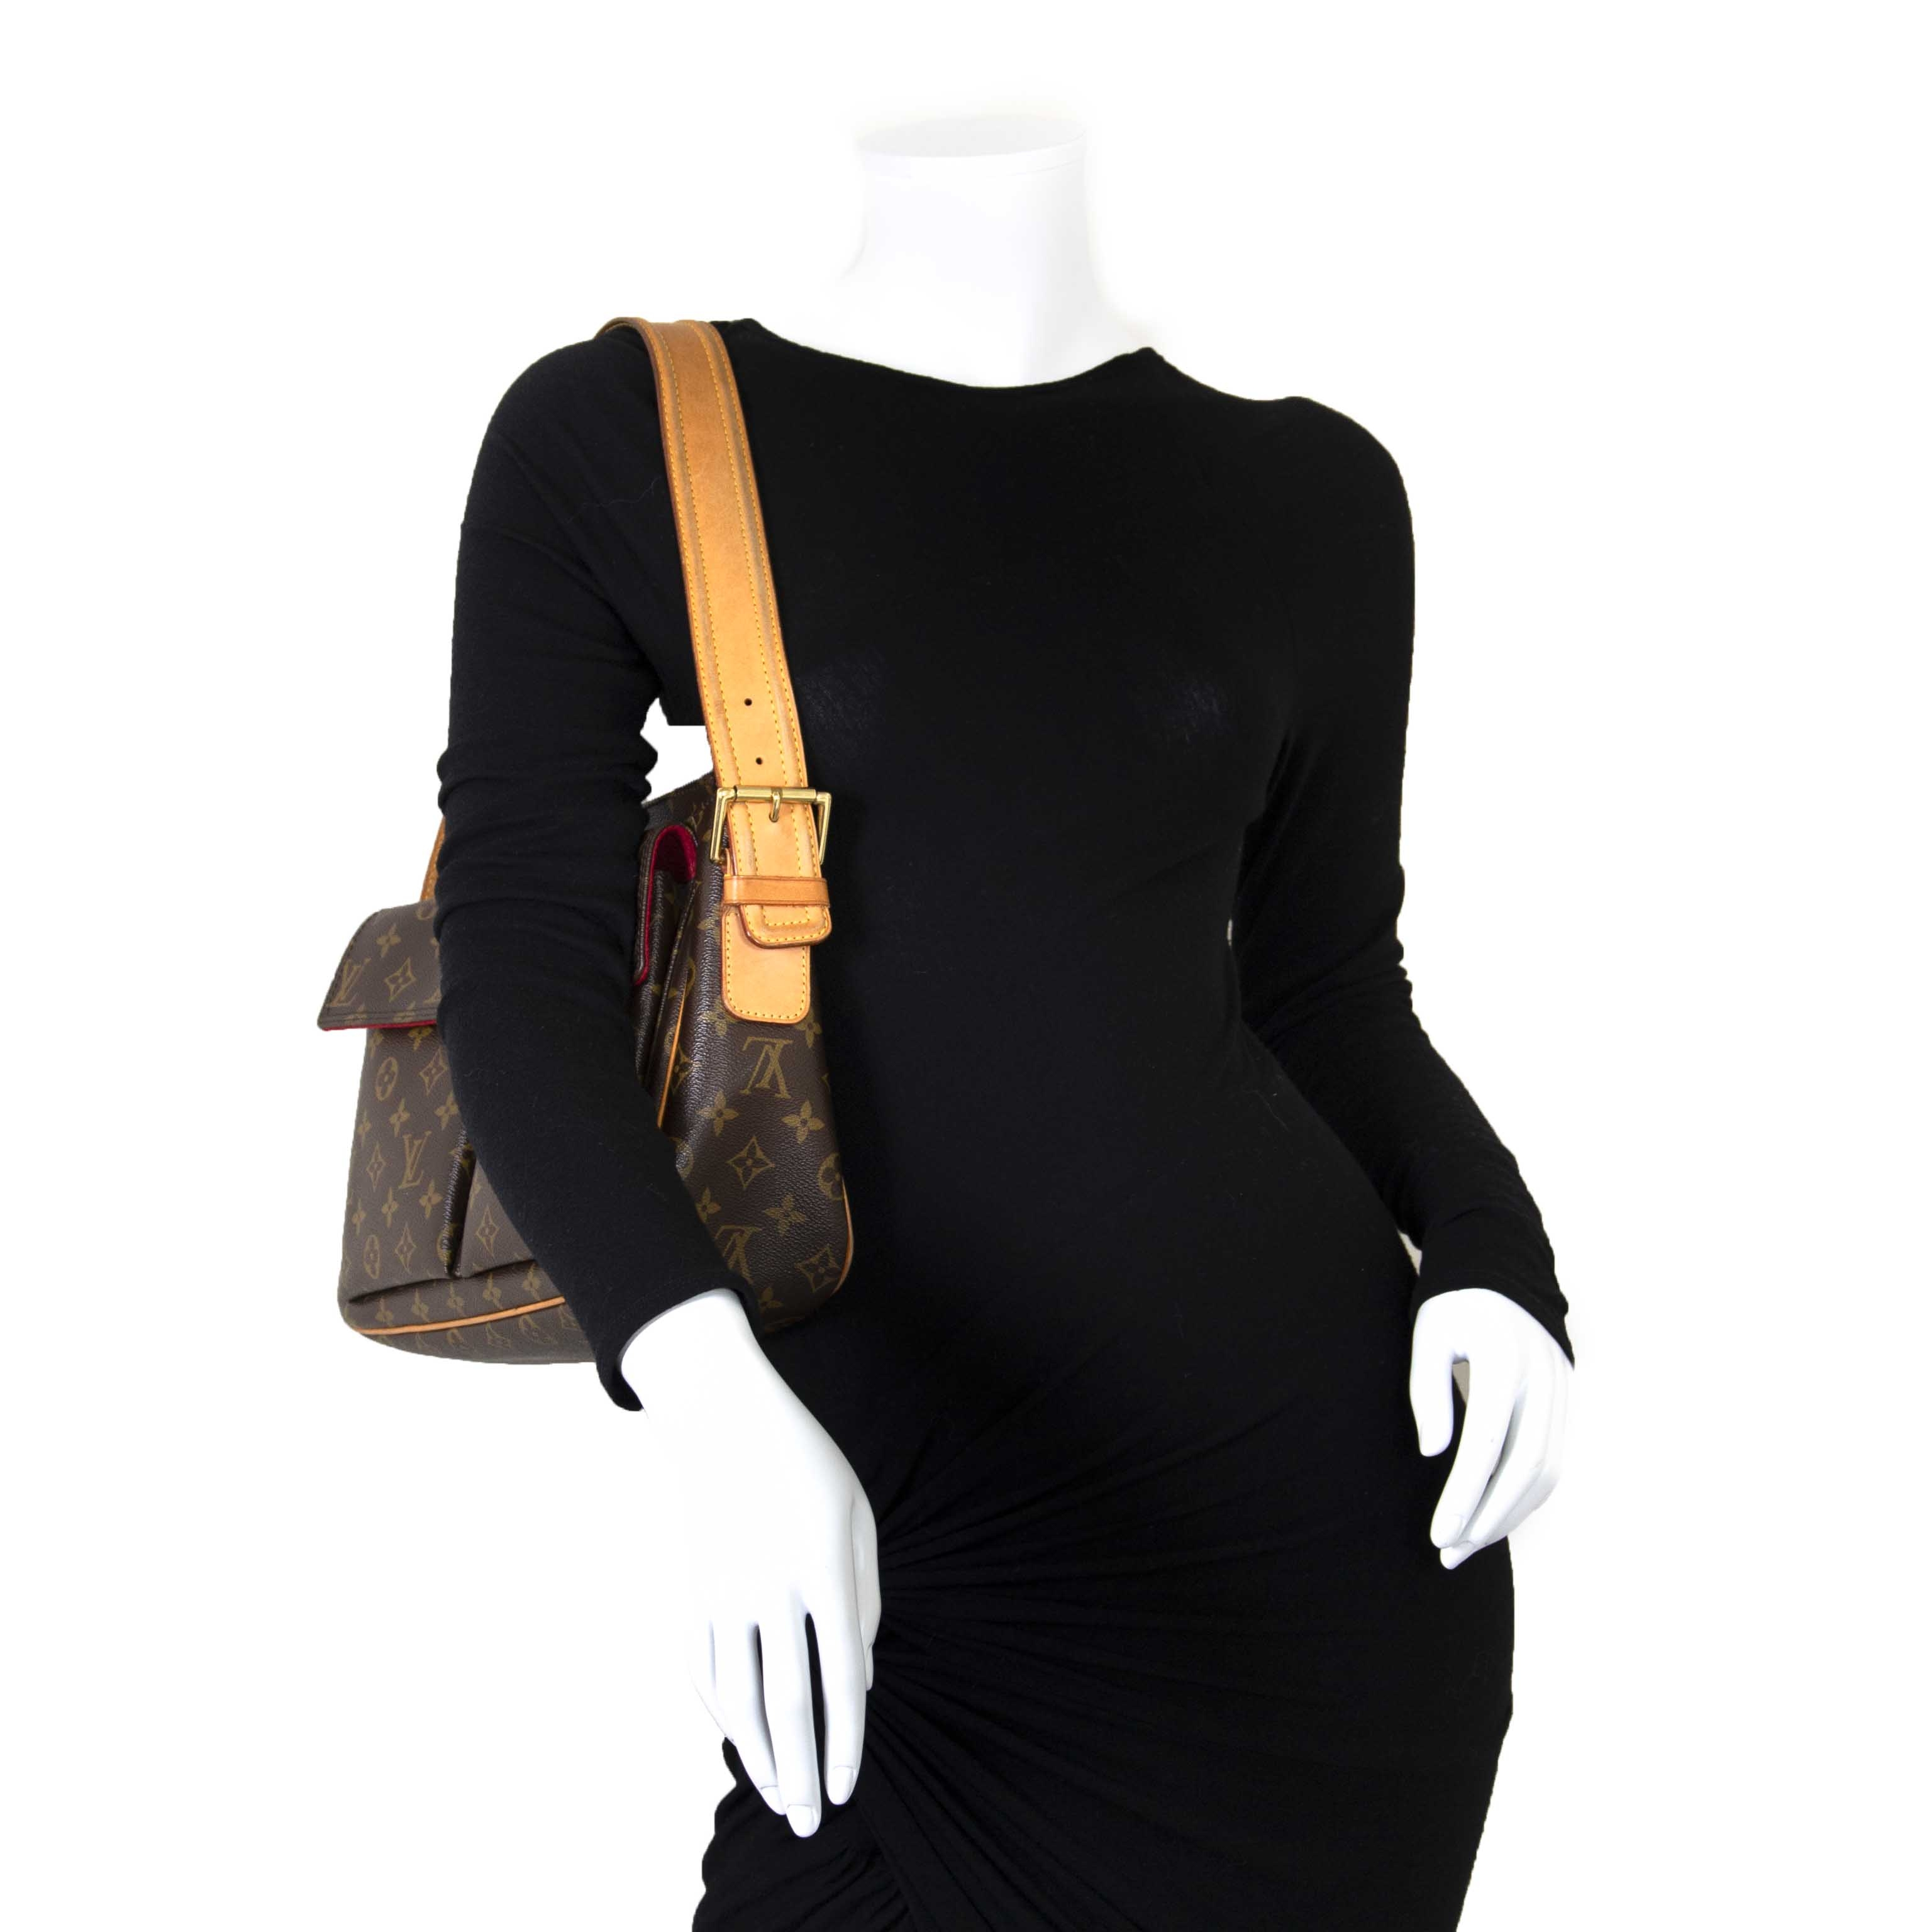 d965f69a2c8c ... Louis Vuitton Monogram Viva Cite GM Shoulder Bag now for sale at  labellov vintage fashion webshop